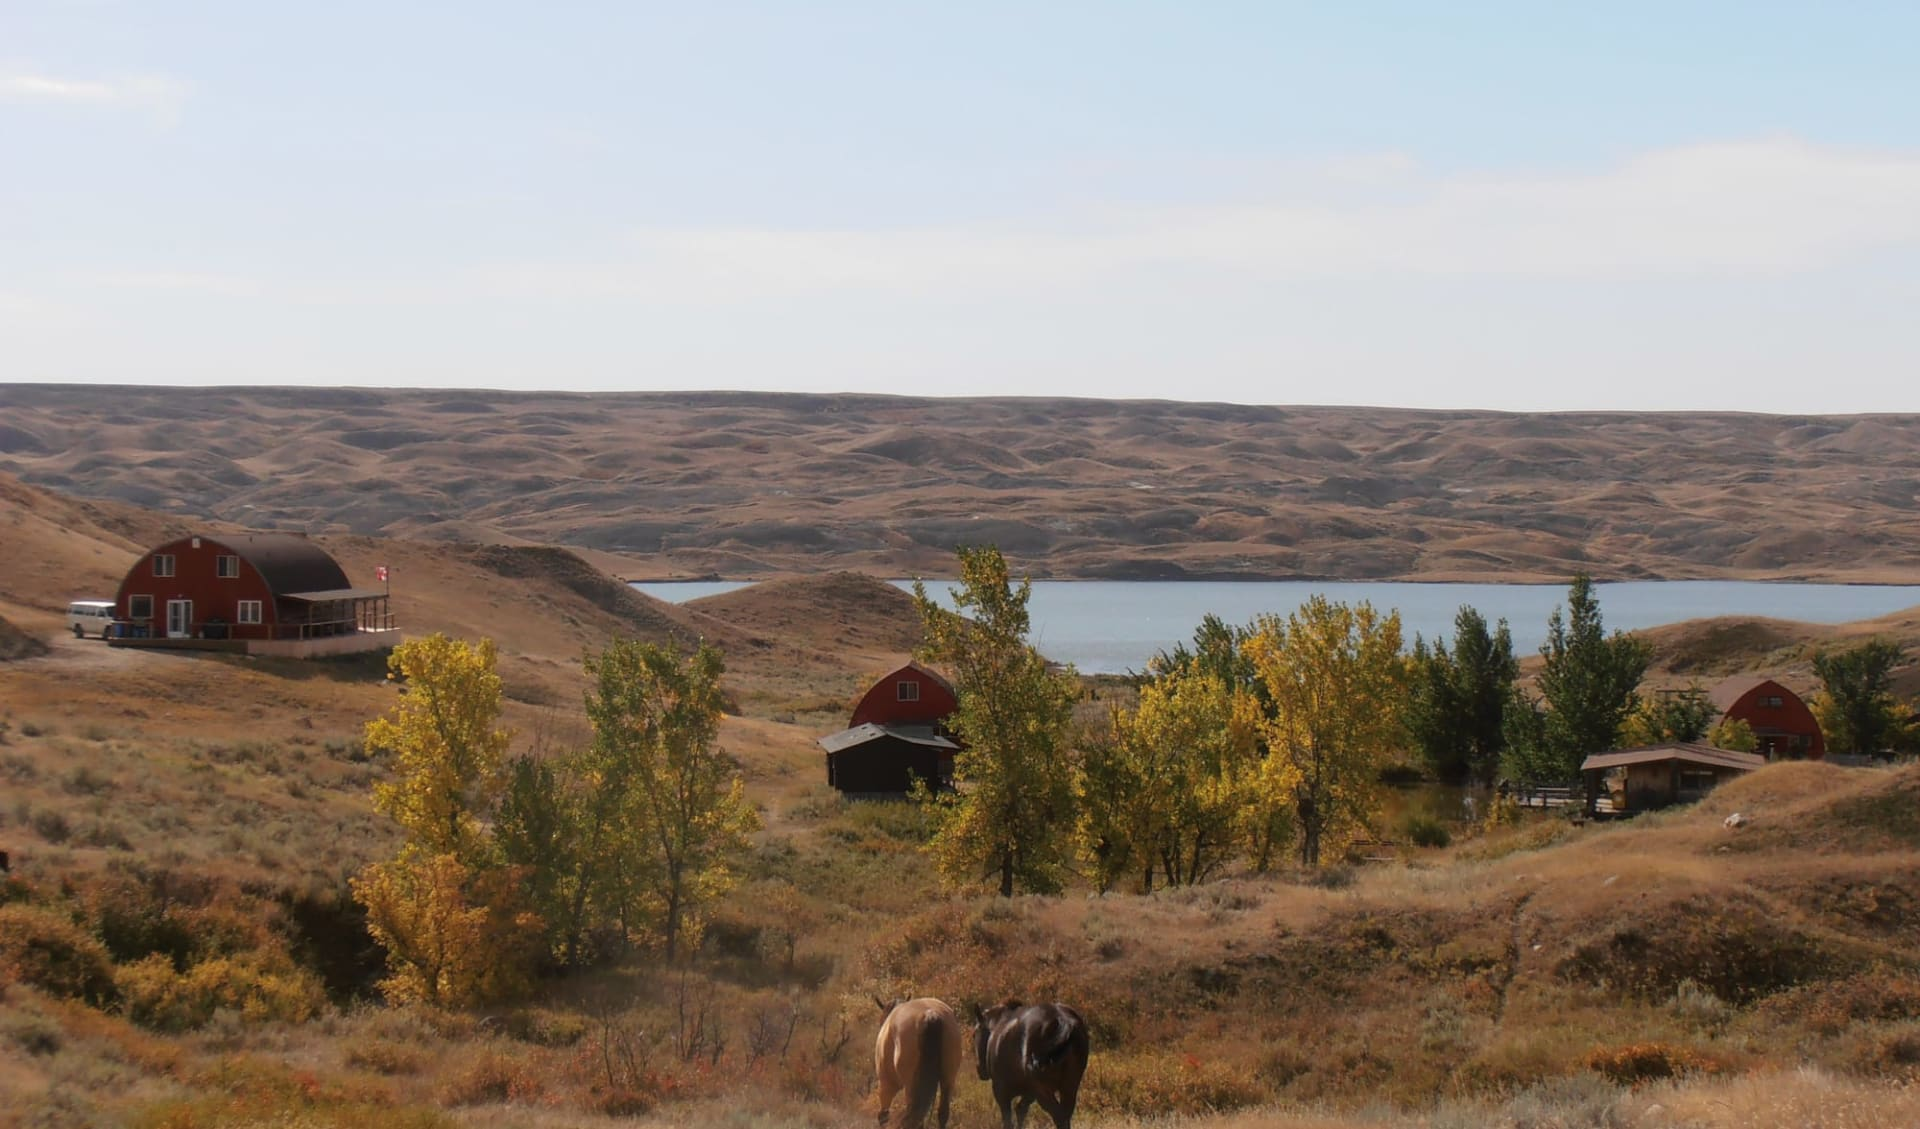 La Reata Ranch in Kyle: _La Reata Ranch - Natur